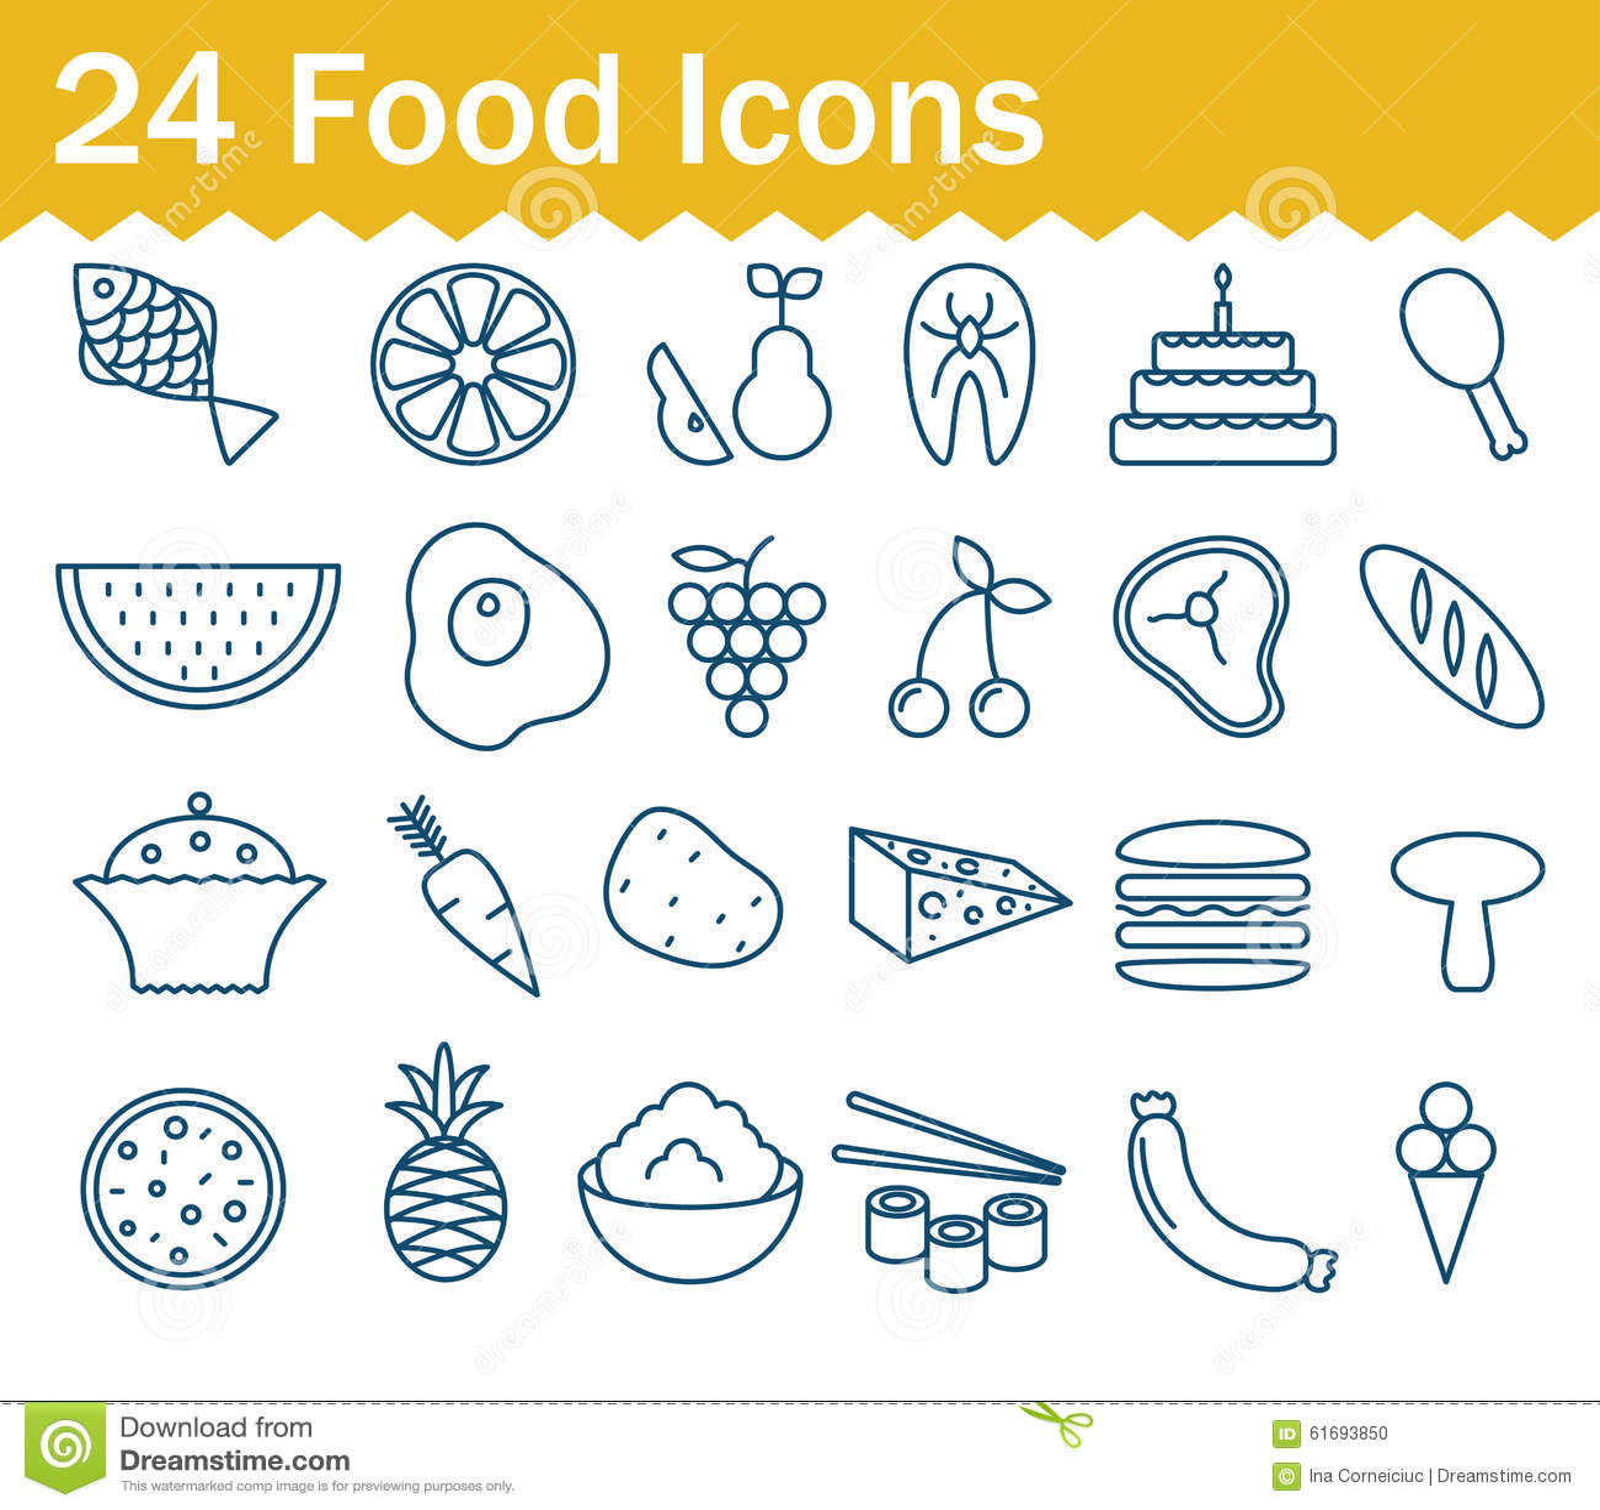 Outline of food preparation